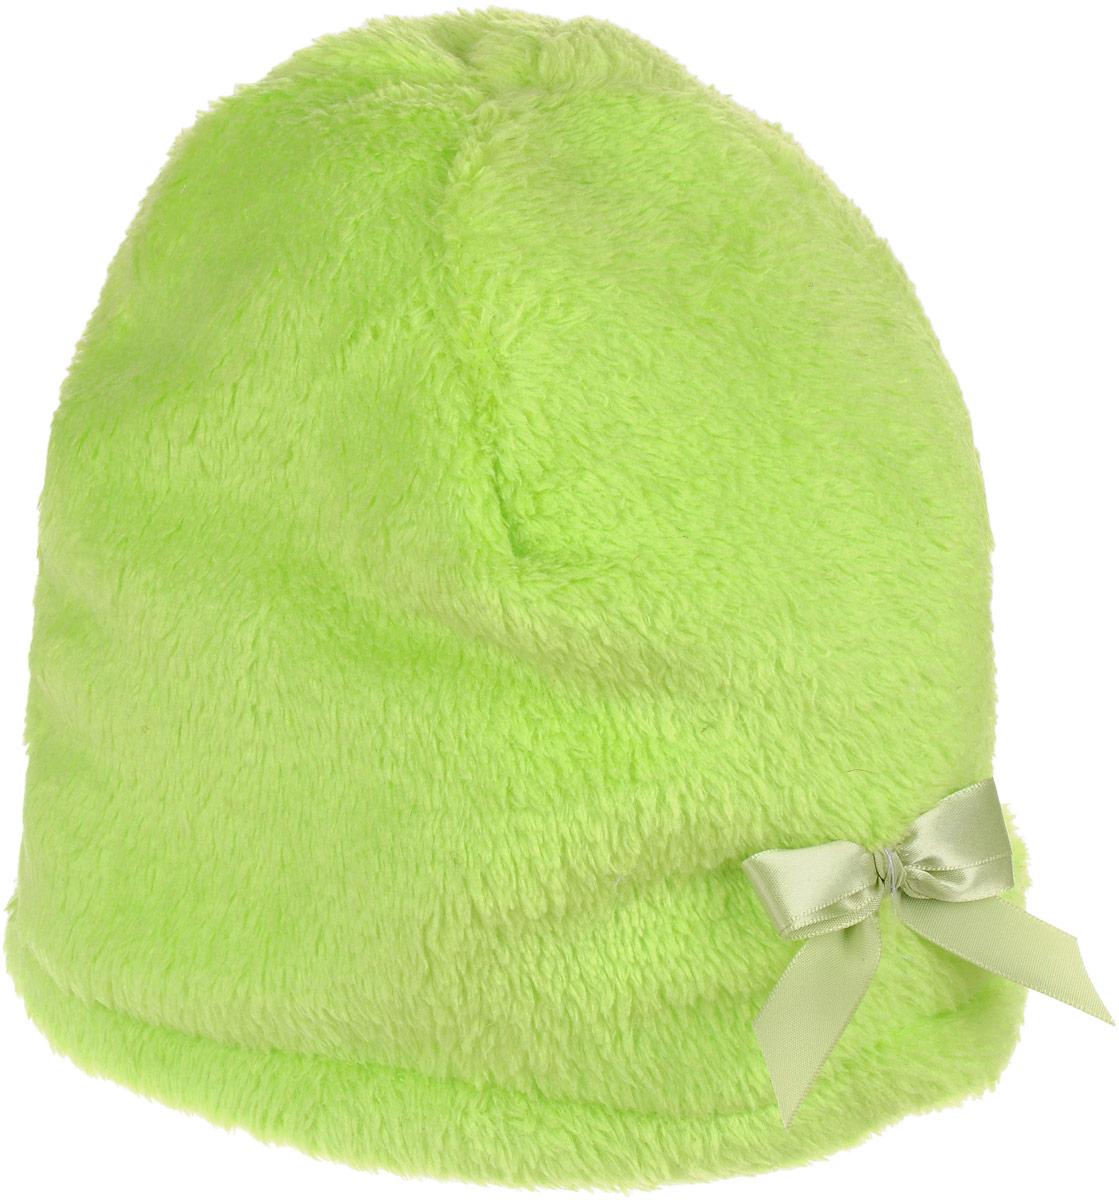 Шапка для бани и сауны Доктор Баня, цвет: салатовый шапка для бани и сауны доктор баня классическая кант